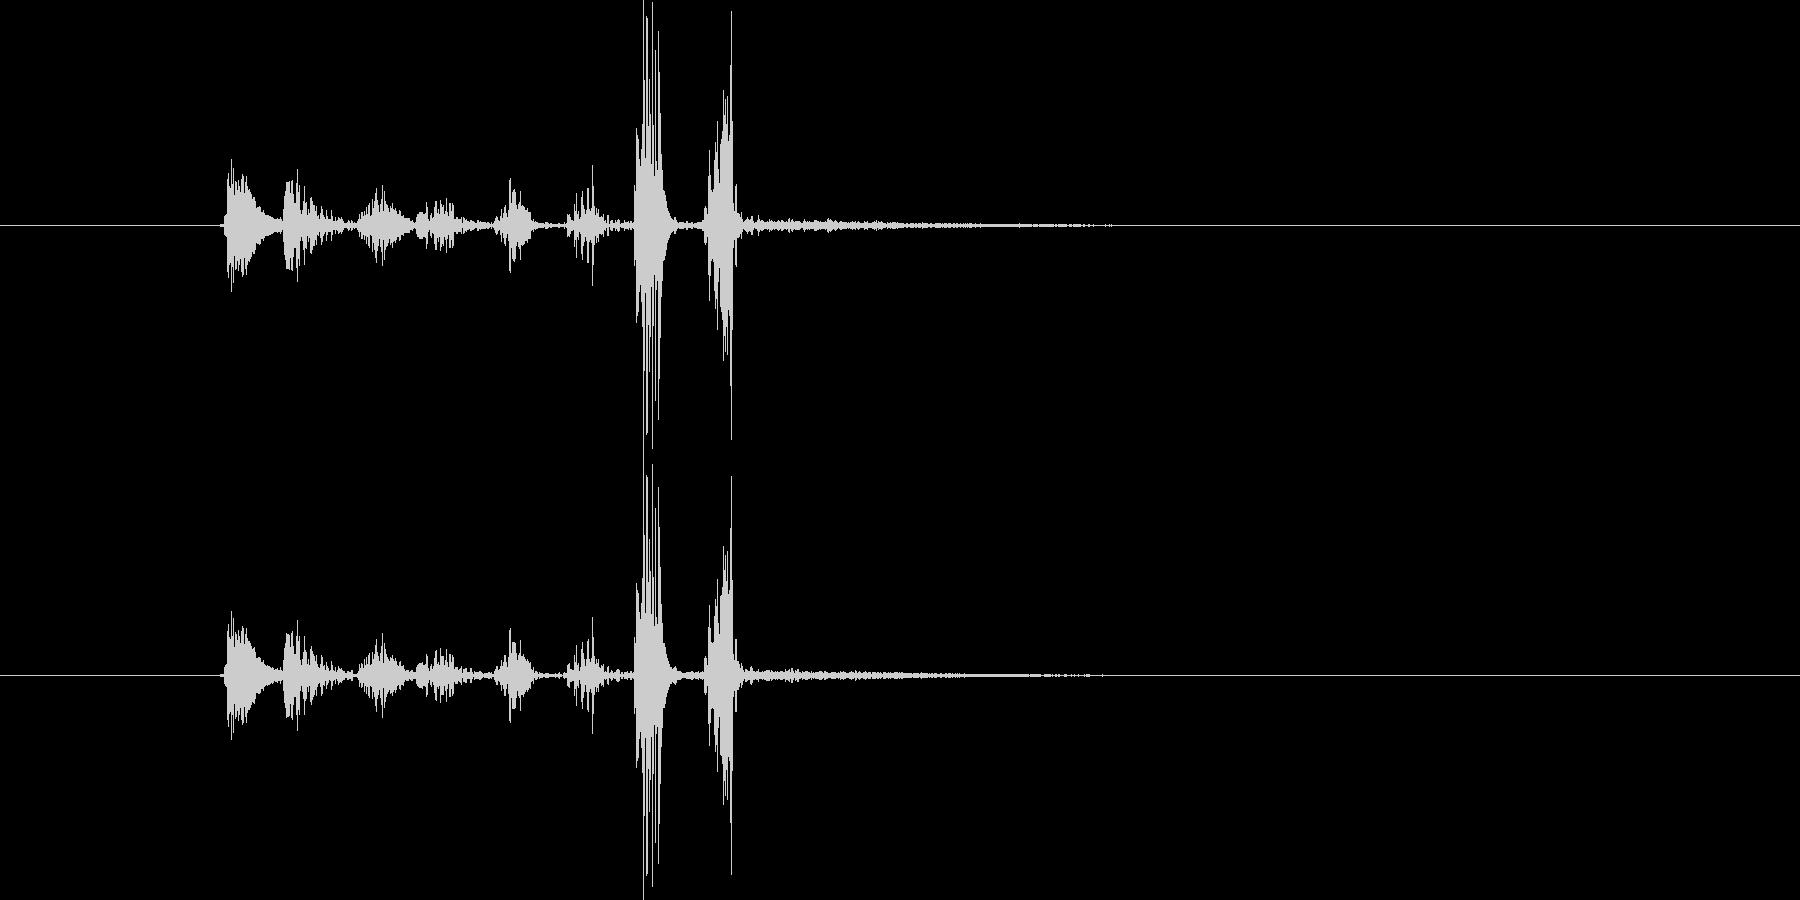 チュクチャカ(場面転換、ジングル)の未再生の波形